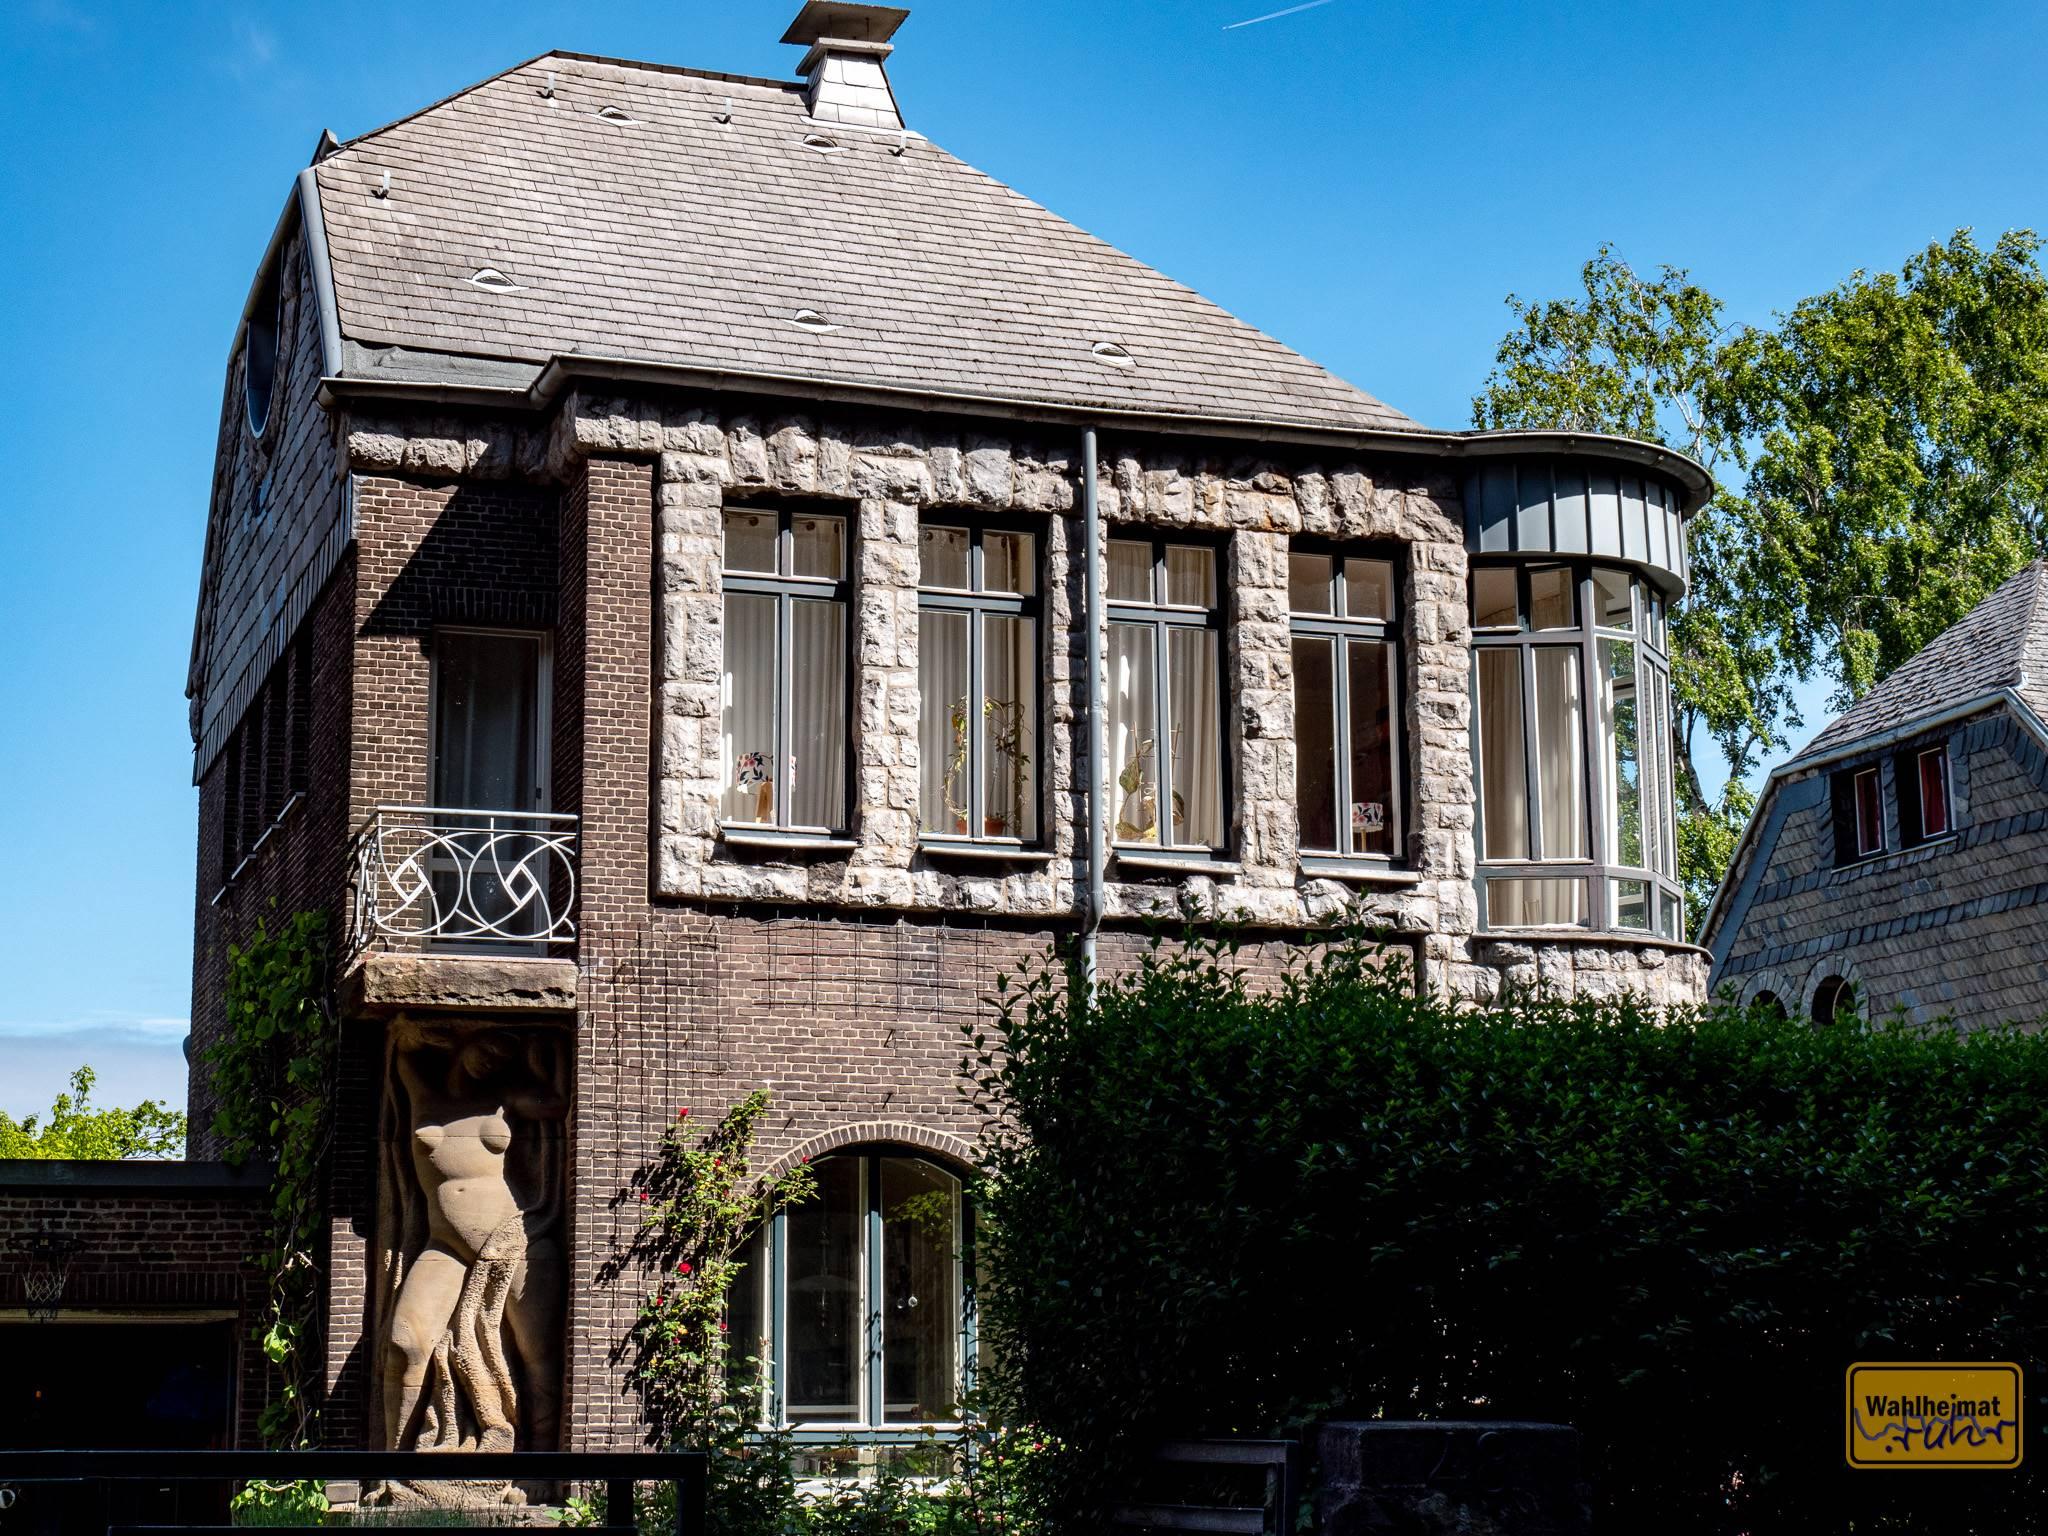 """Der niederländische Architekt schuf zwischen 1910 und 1914 insgesamt neun Häuser """"Am Stirnband"""", alle individuell, aber immer mit immer wiederkehrenden Materialien."""